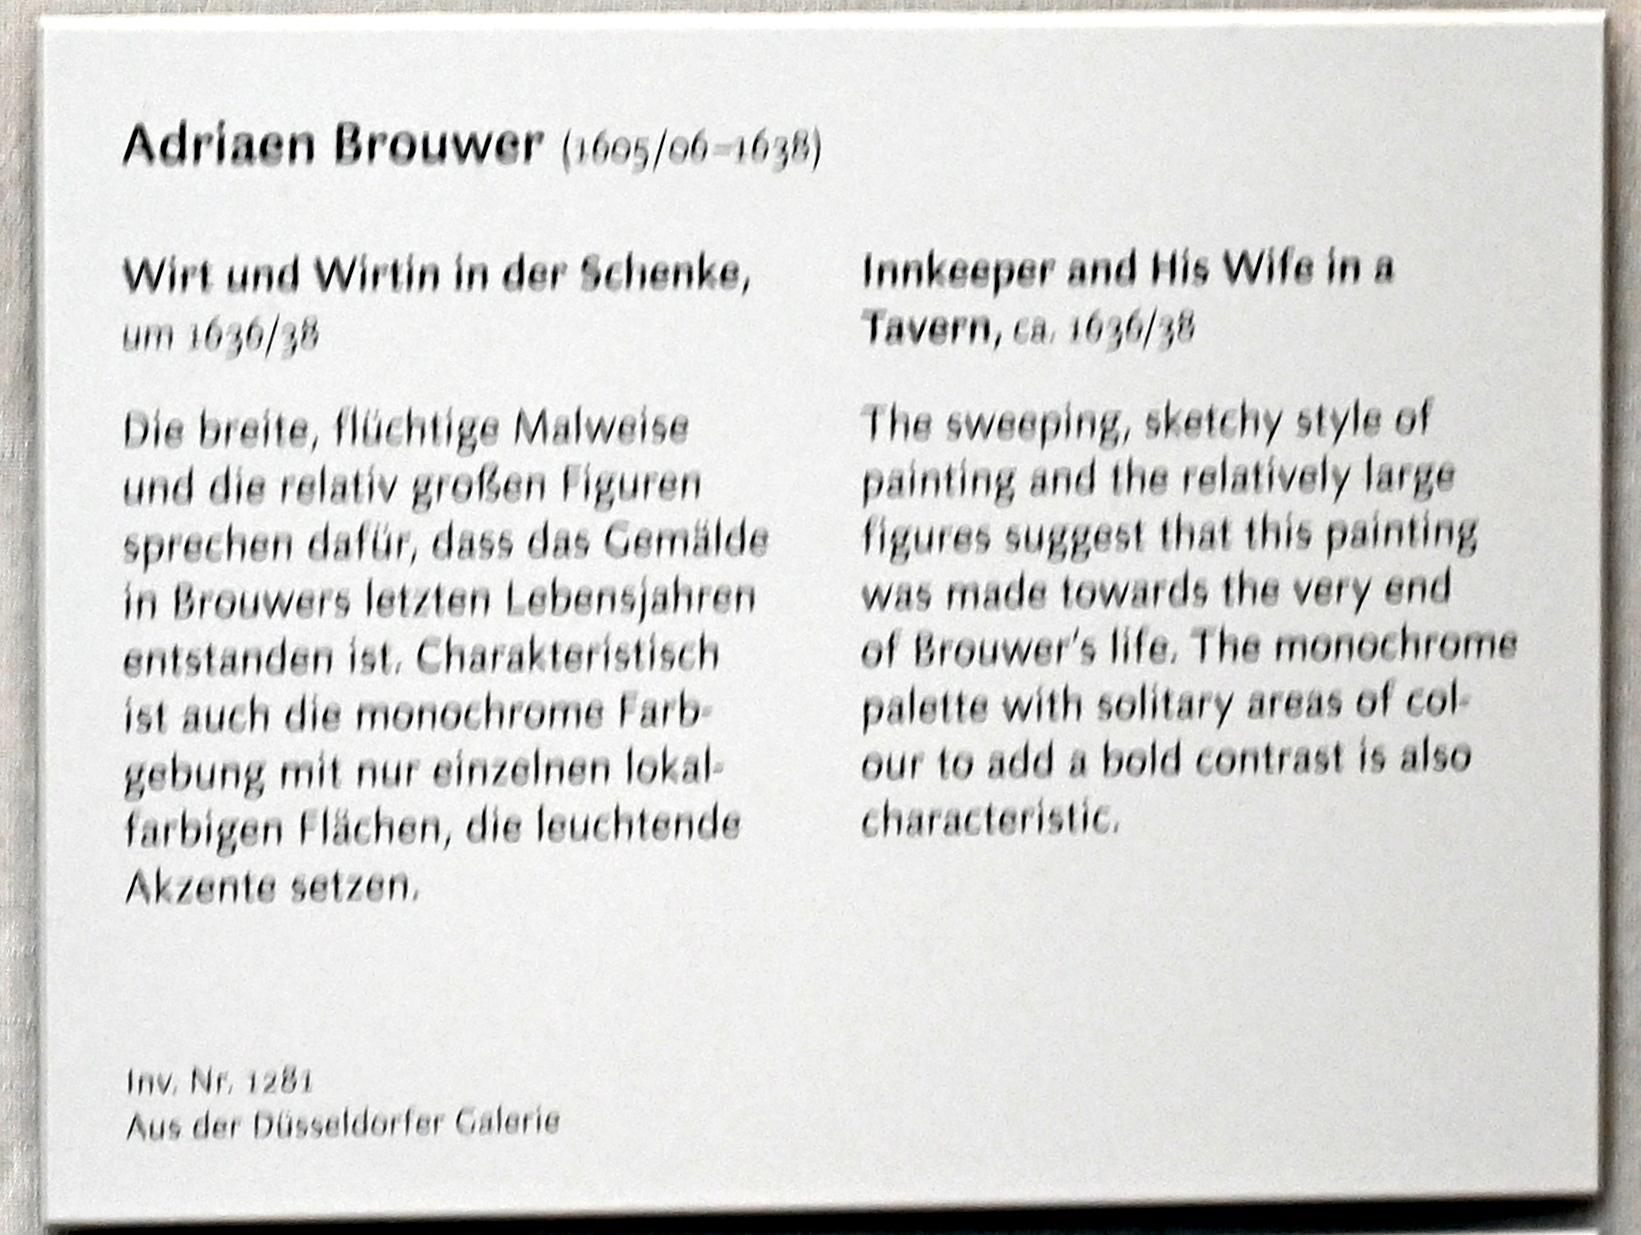 Adriaen Brouwer: Wirt und Wirtin in der Schenke, Um 1625 - 1638